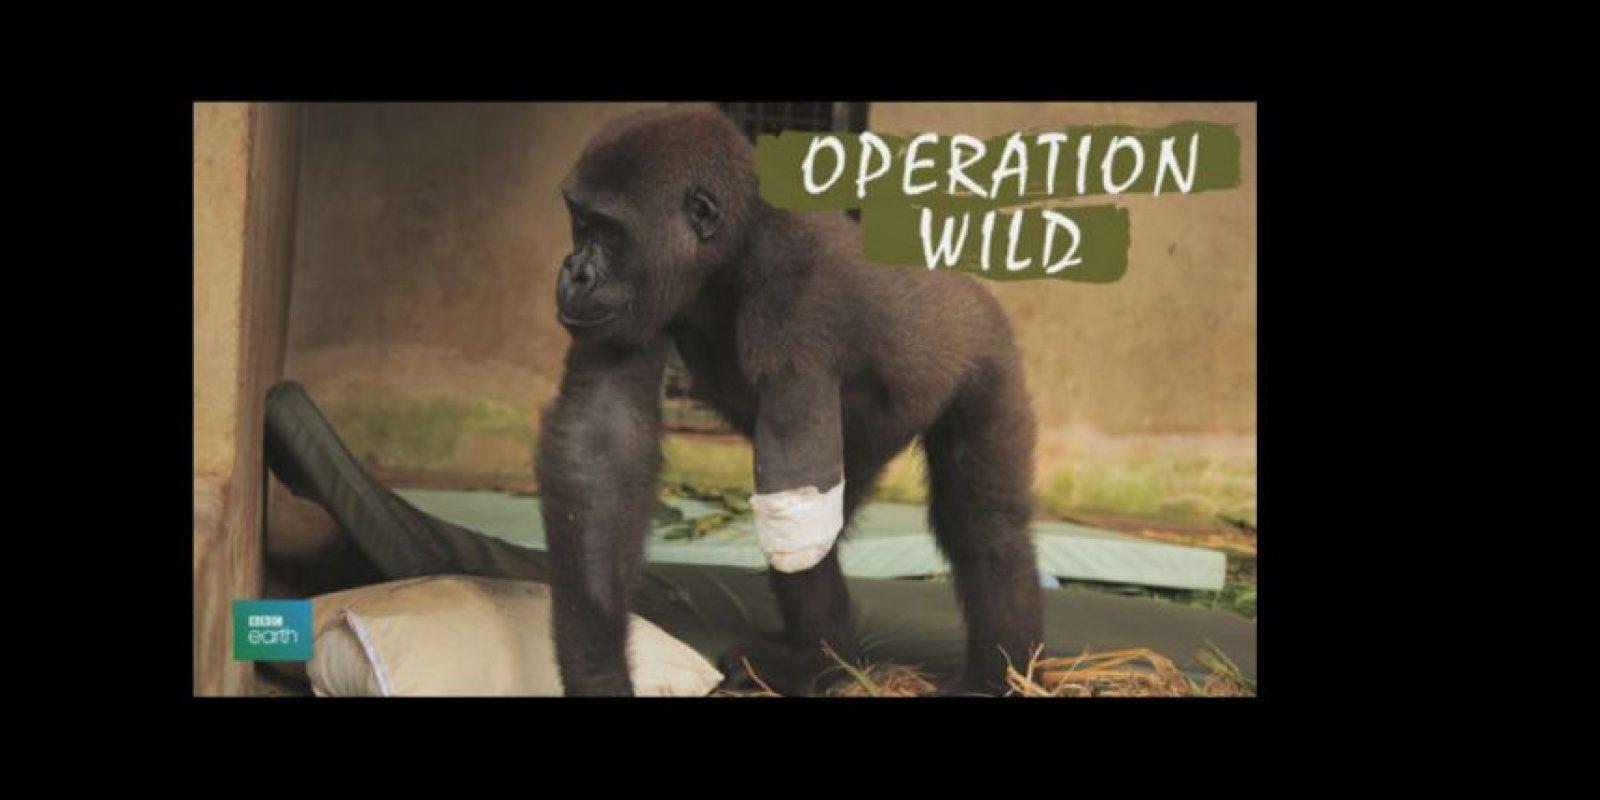 Sigan los pasos de veterinarios alrededor del mundo que se dedican a innovar en procedimientos y operaciones con el fin de salvar la vida de los animales Foto:BBC Earth